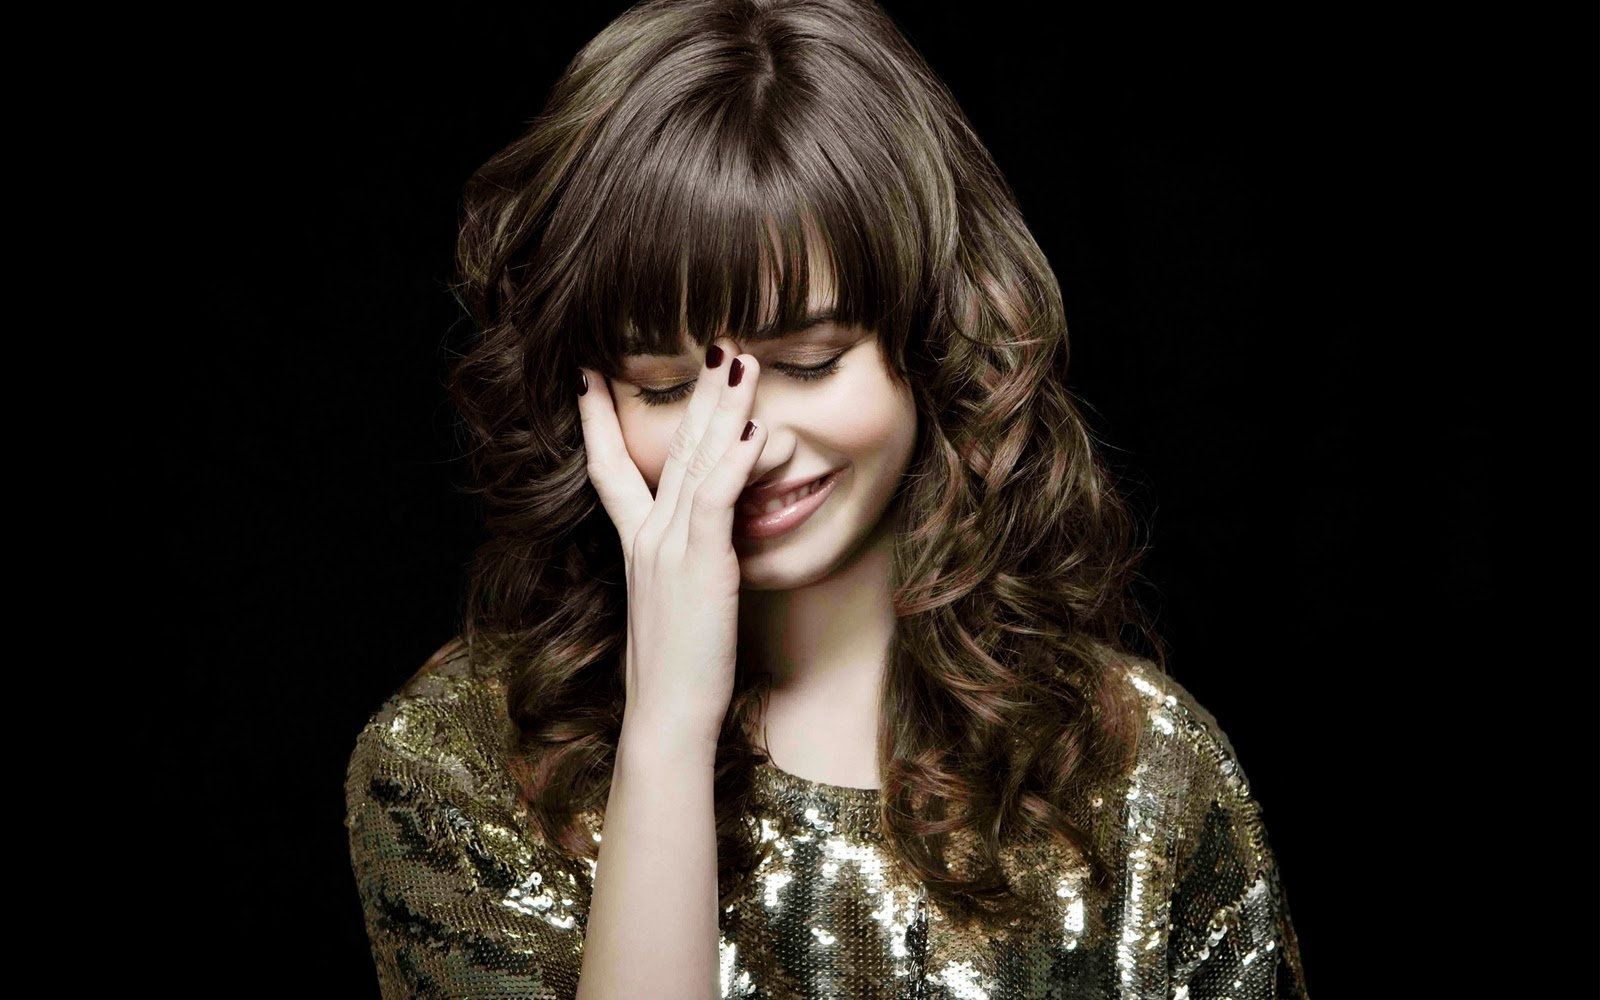 http://3.bp.blogspot.com/-WdU03PRBiO0/TrSeo9d1q8I/AAAAAAAAJSs/nOV_p6S7pDM/s1600/Demi-Lovato.jpg